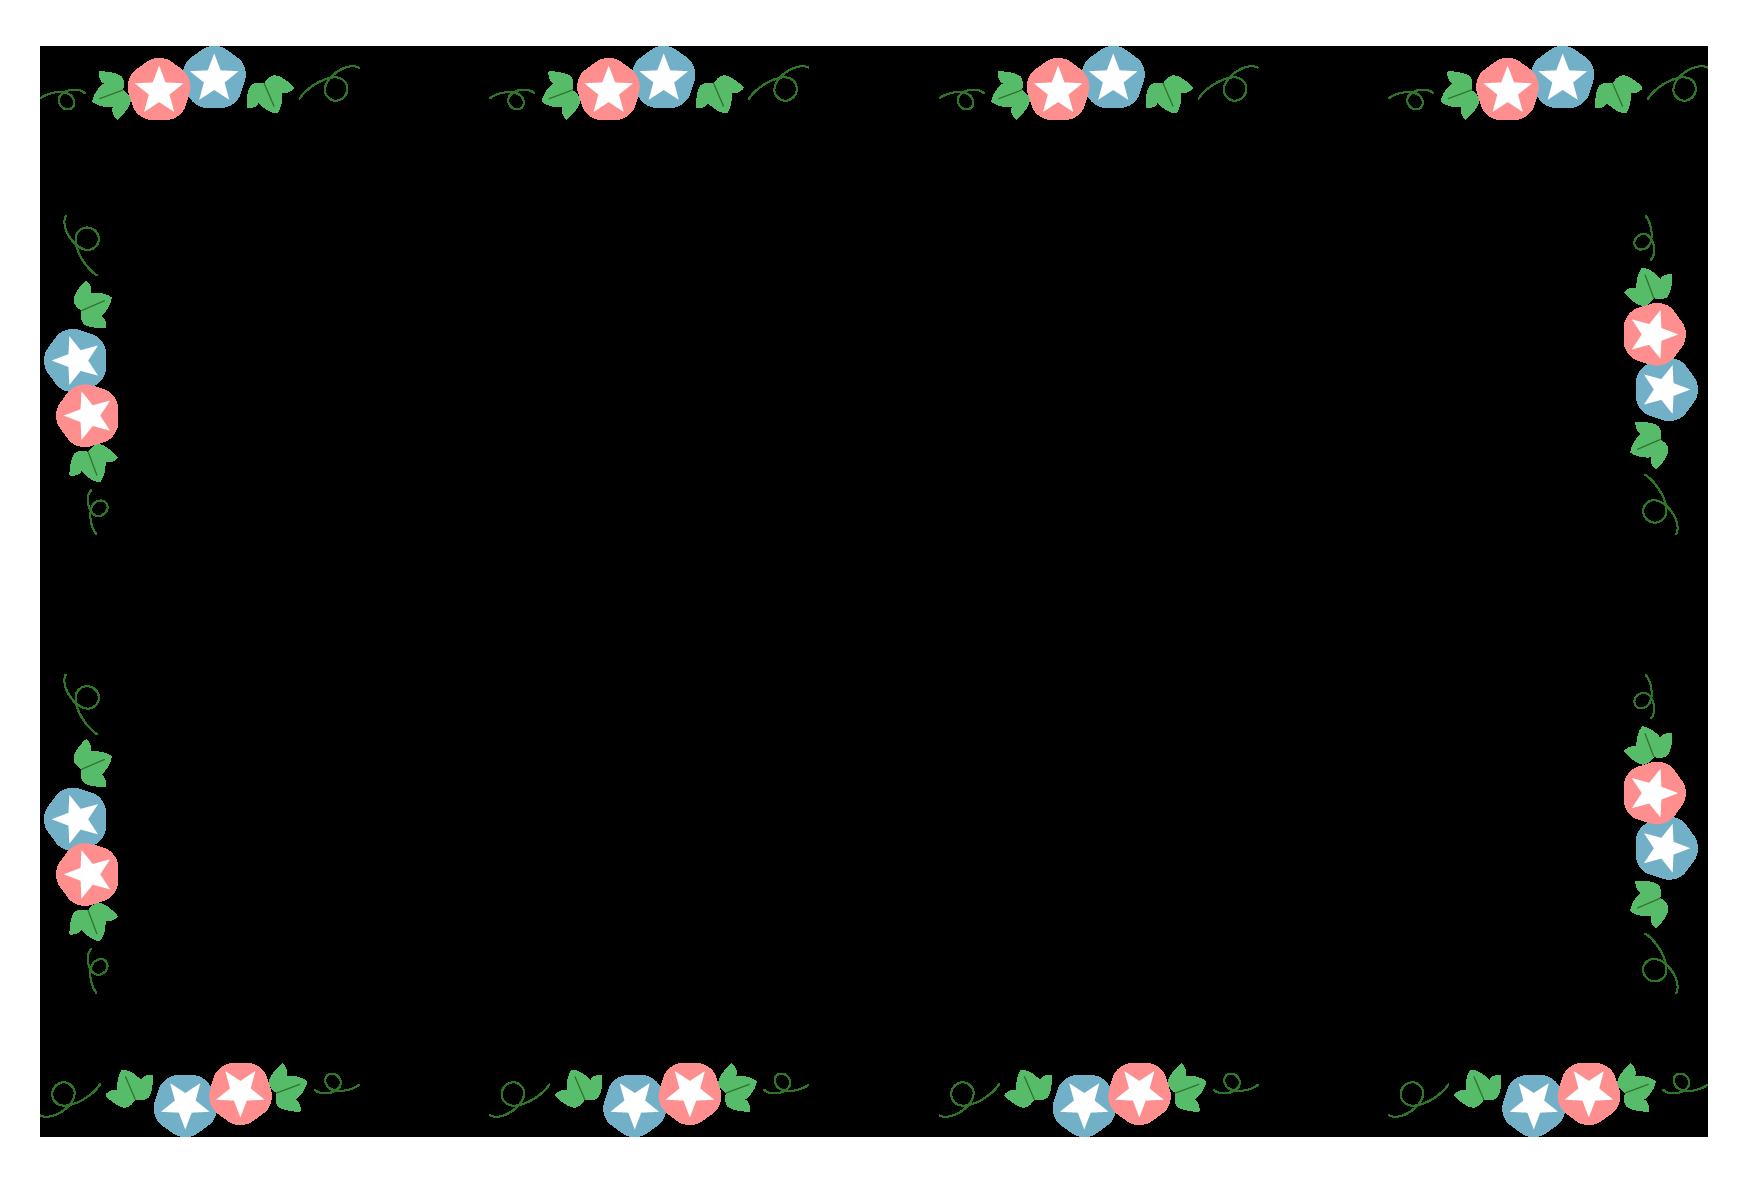 夏(朝顔)のシンプル枠イラスト-横 <無料> | イラストk